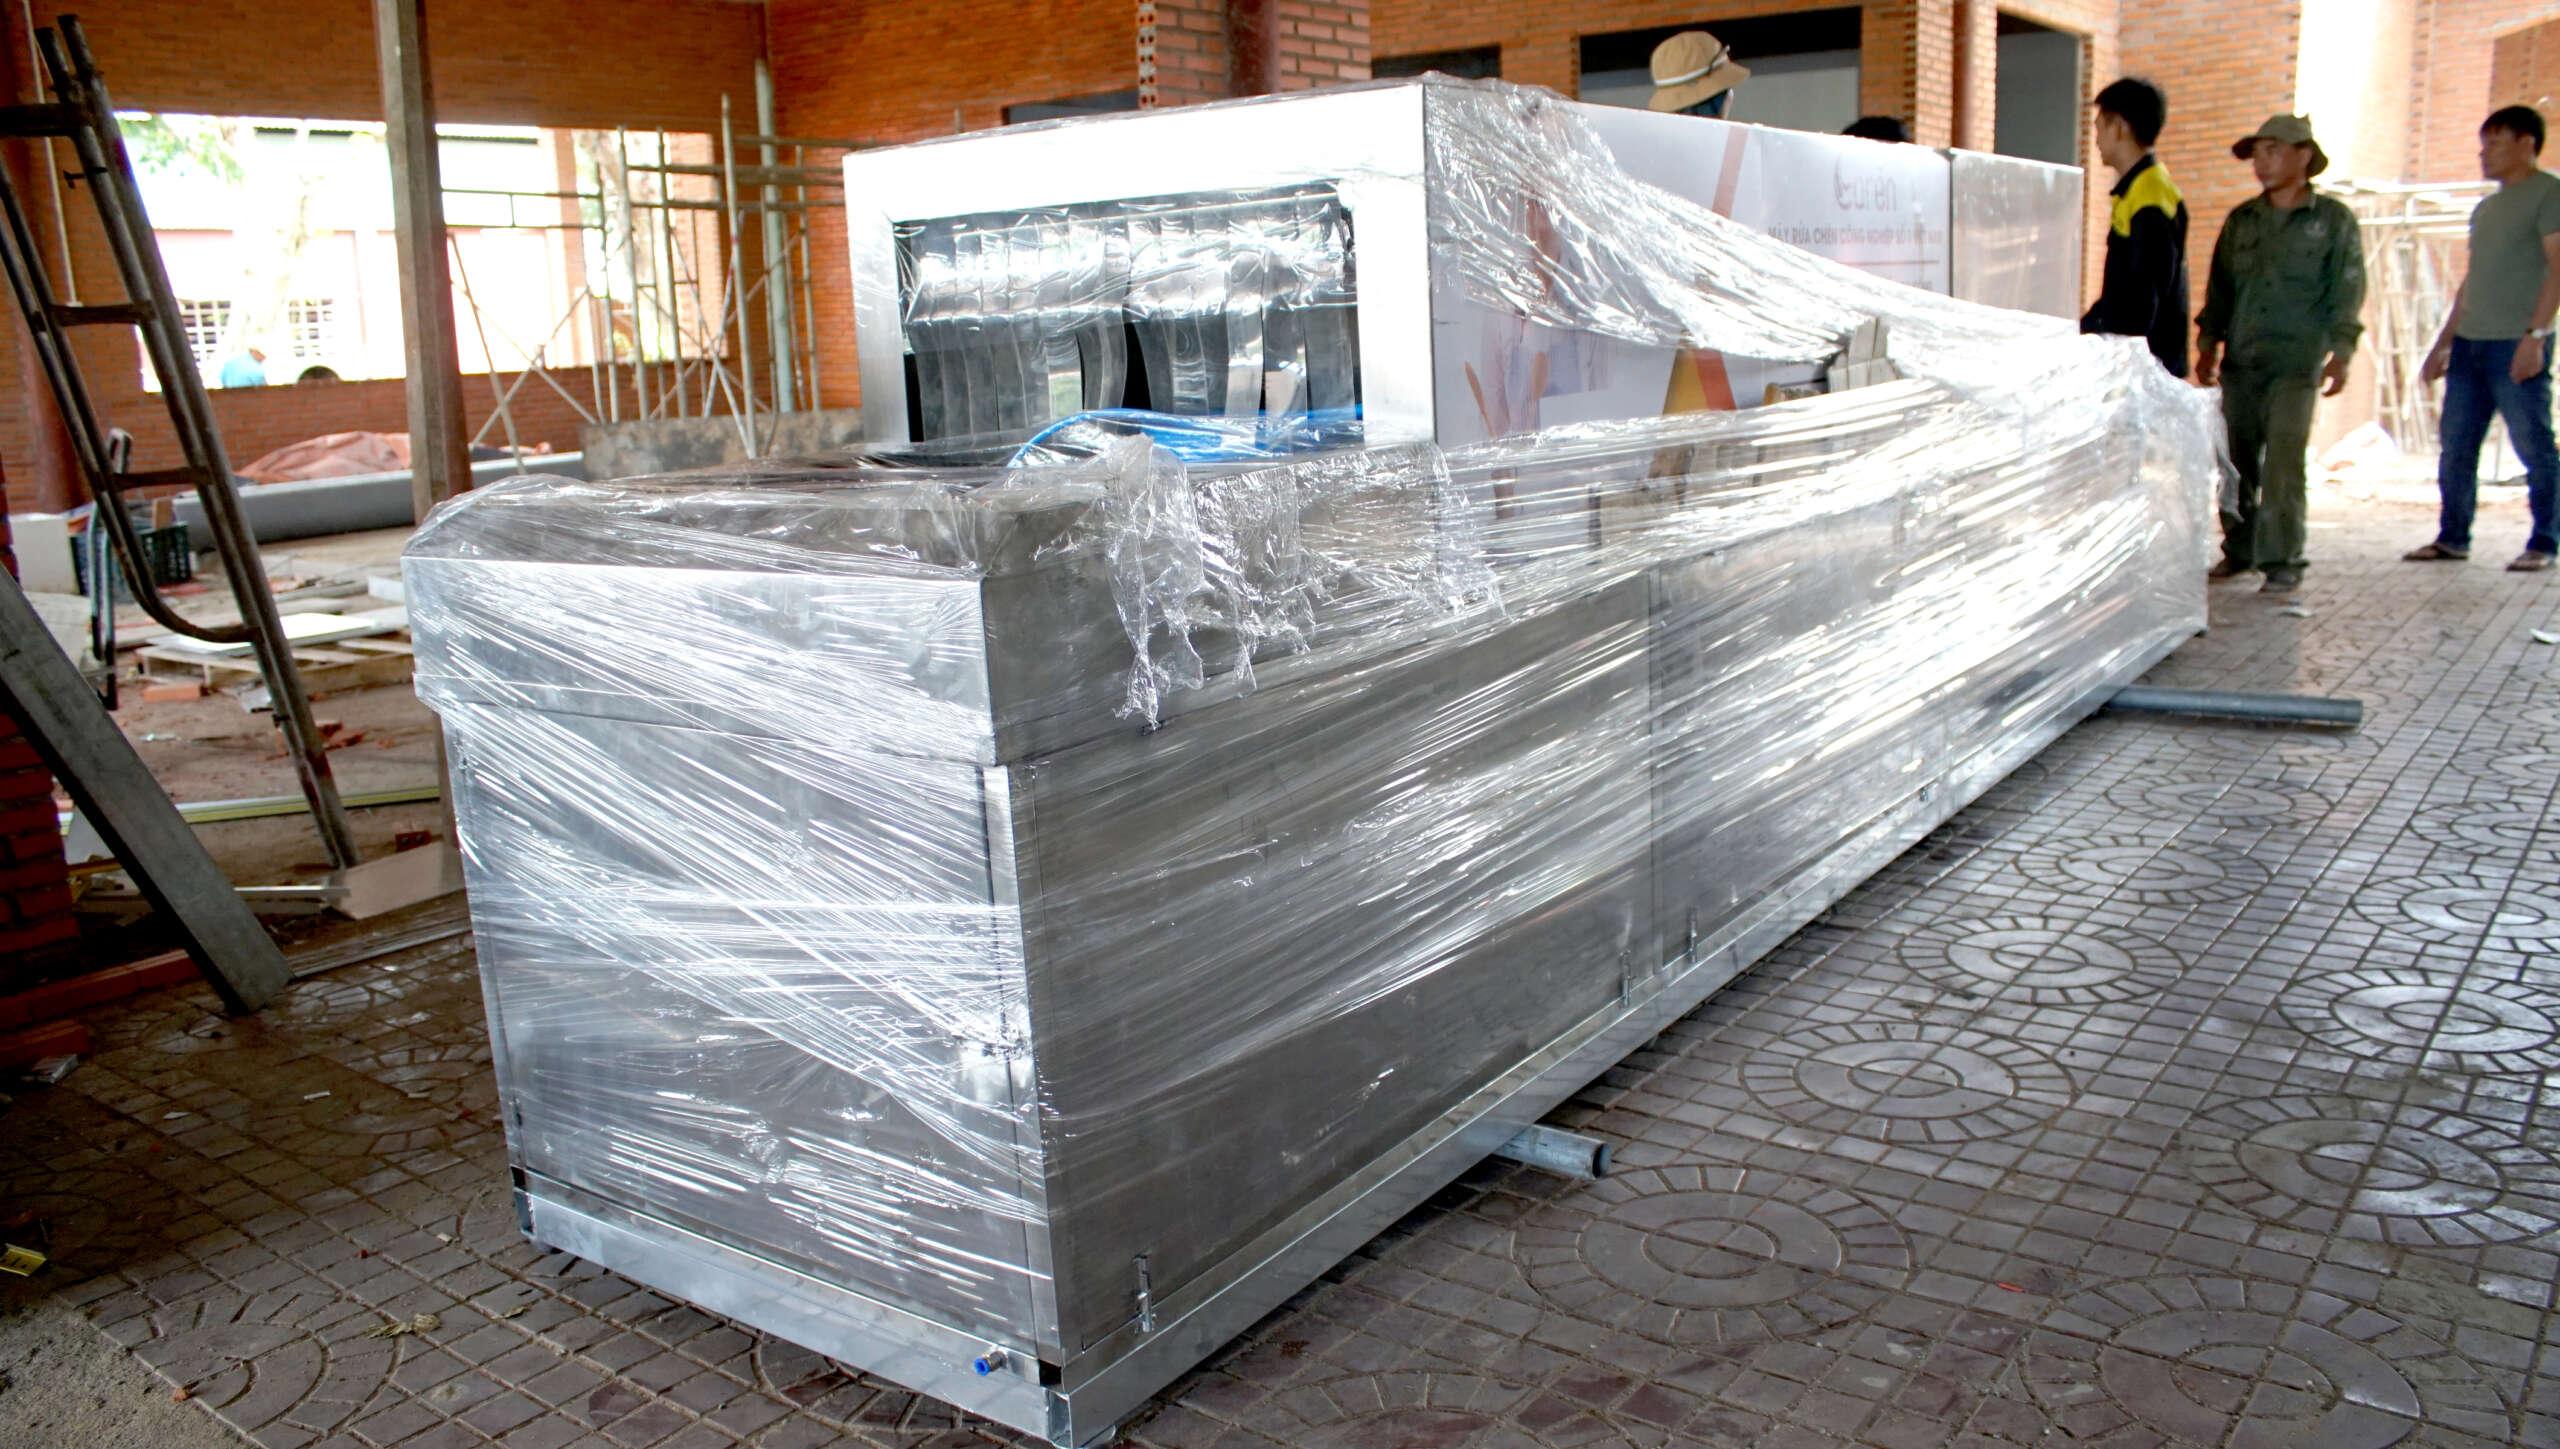 Caren lắp đặt máy rửa chén theo yêu cầu kích thước & quy mô của khách hàng